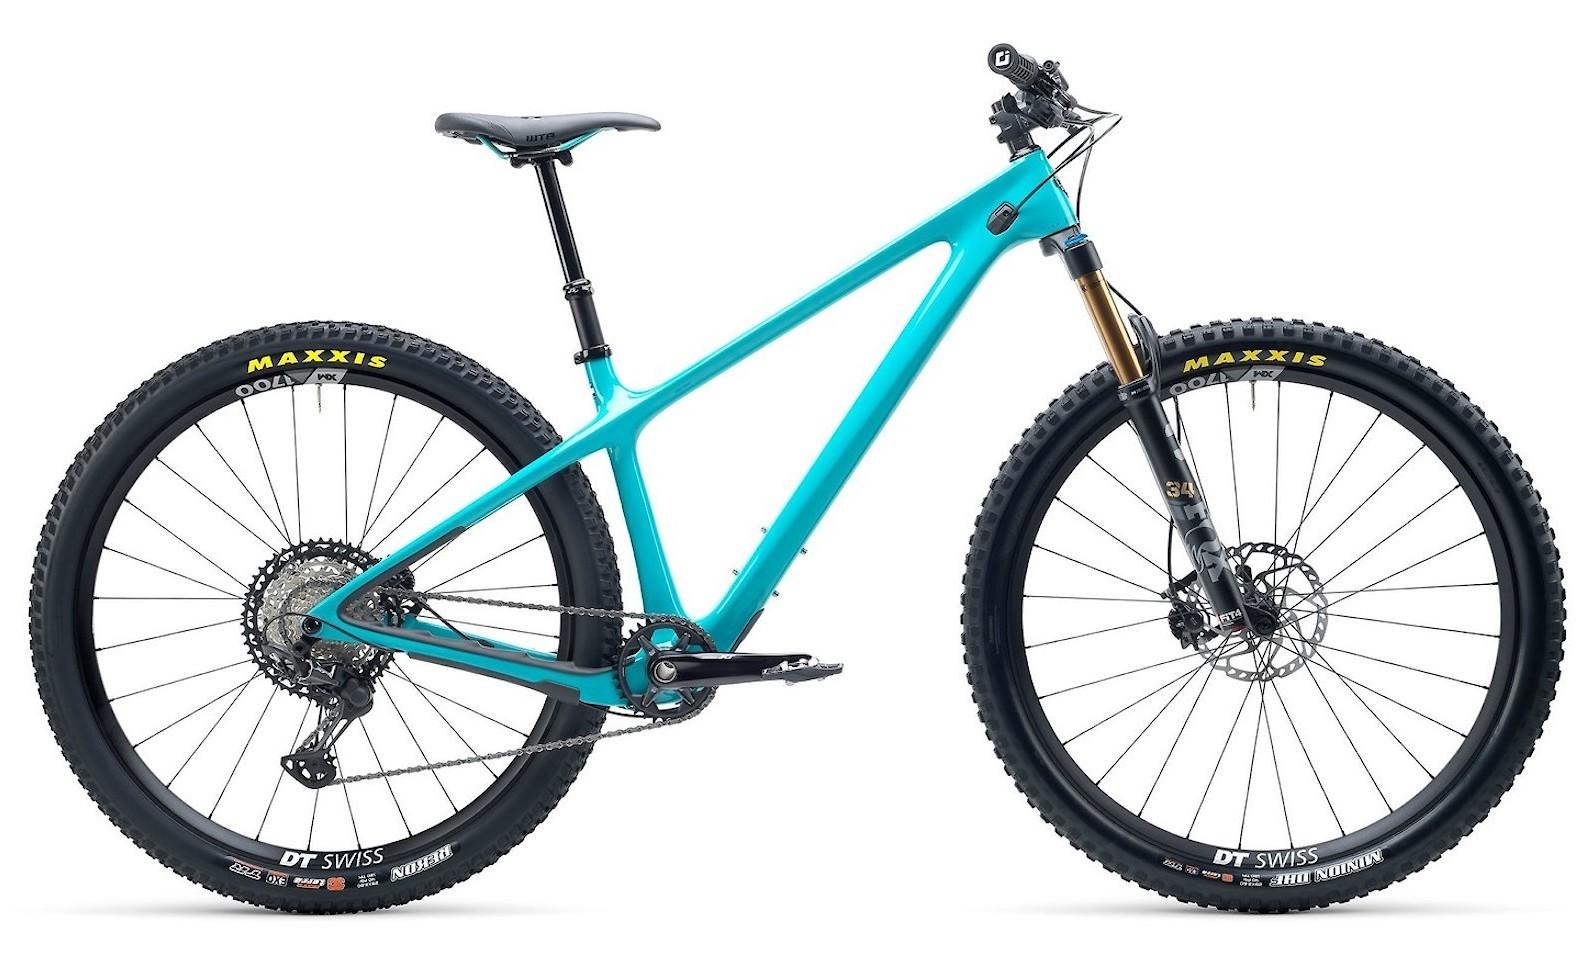 2021 Yeti ARC T1 (Turquoise)